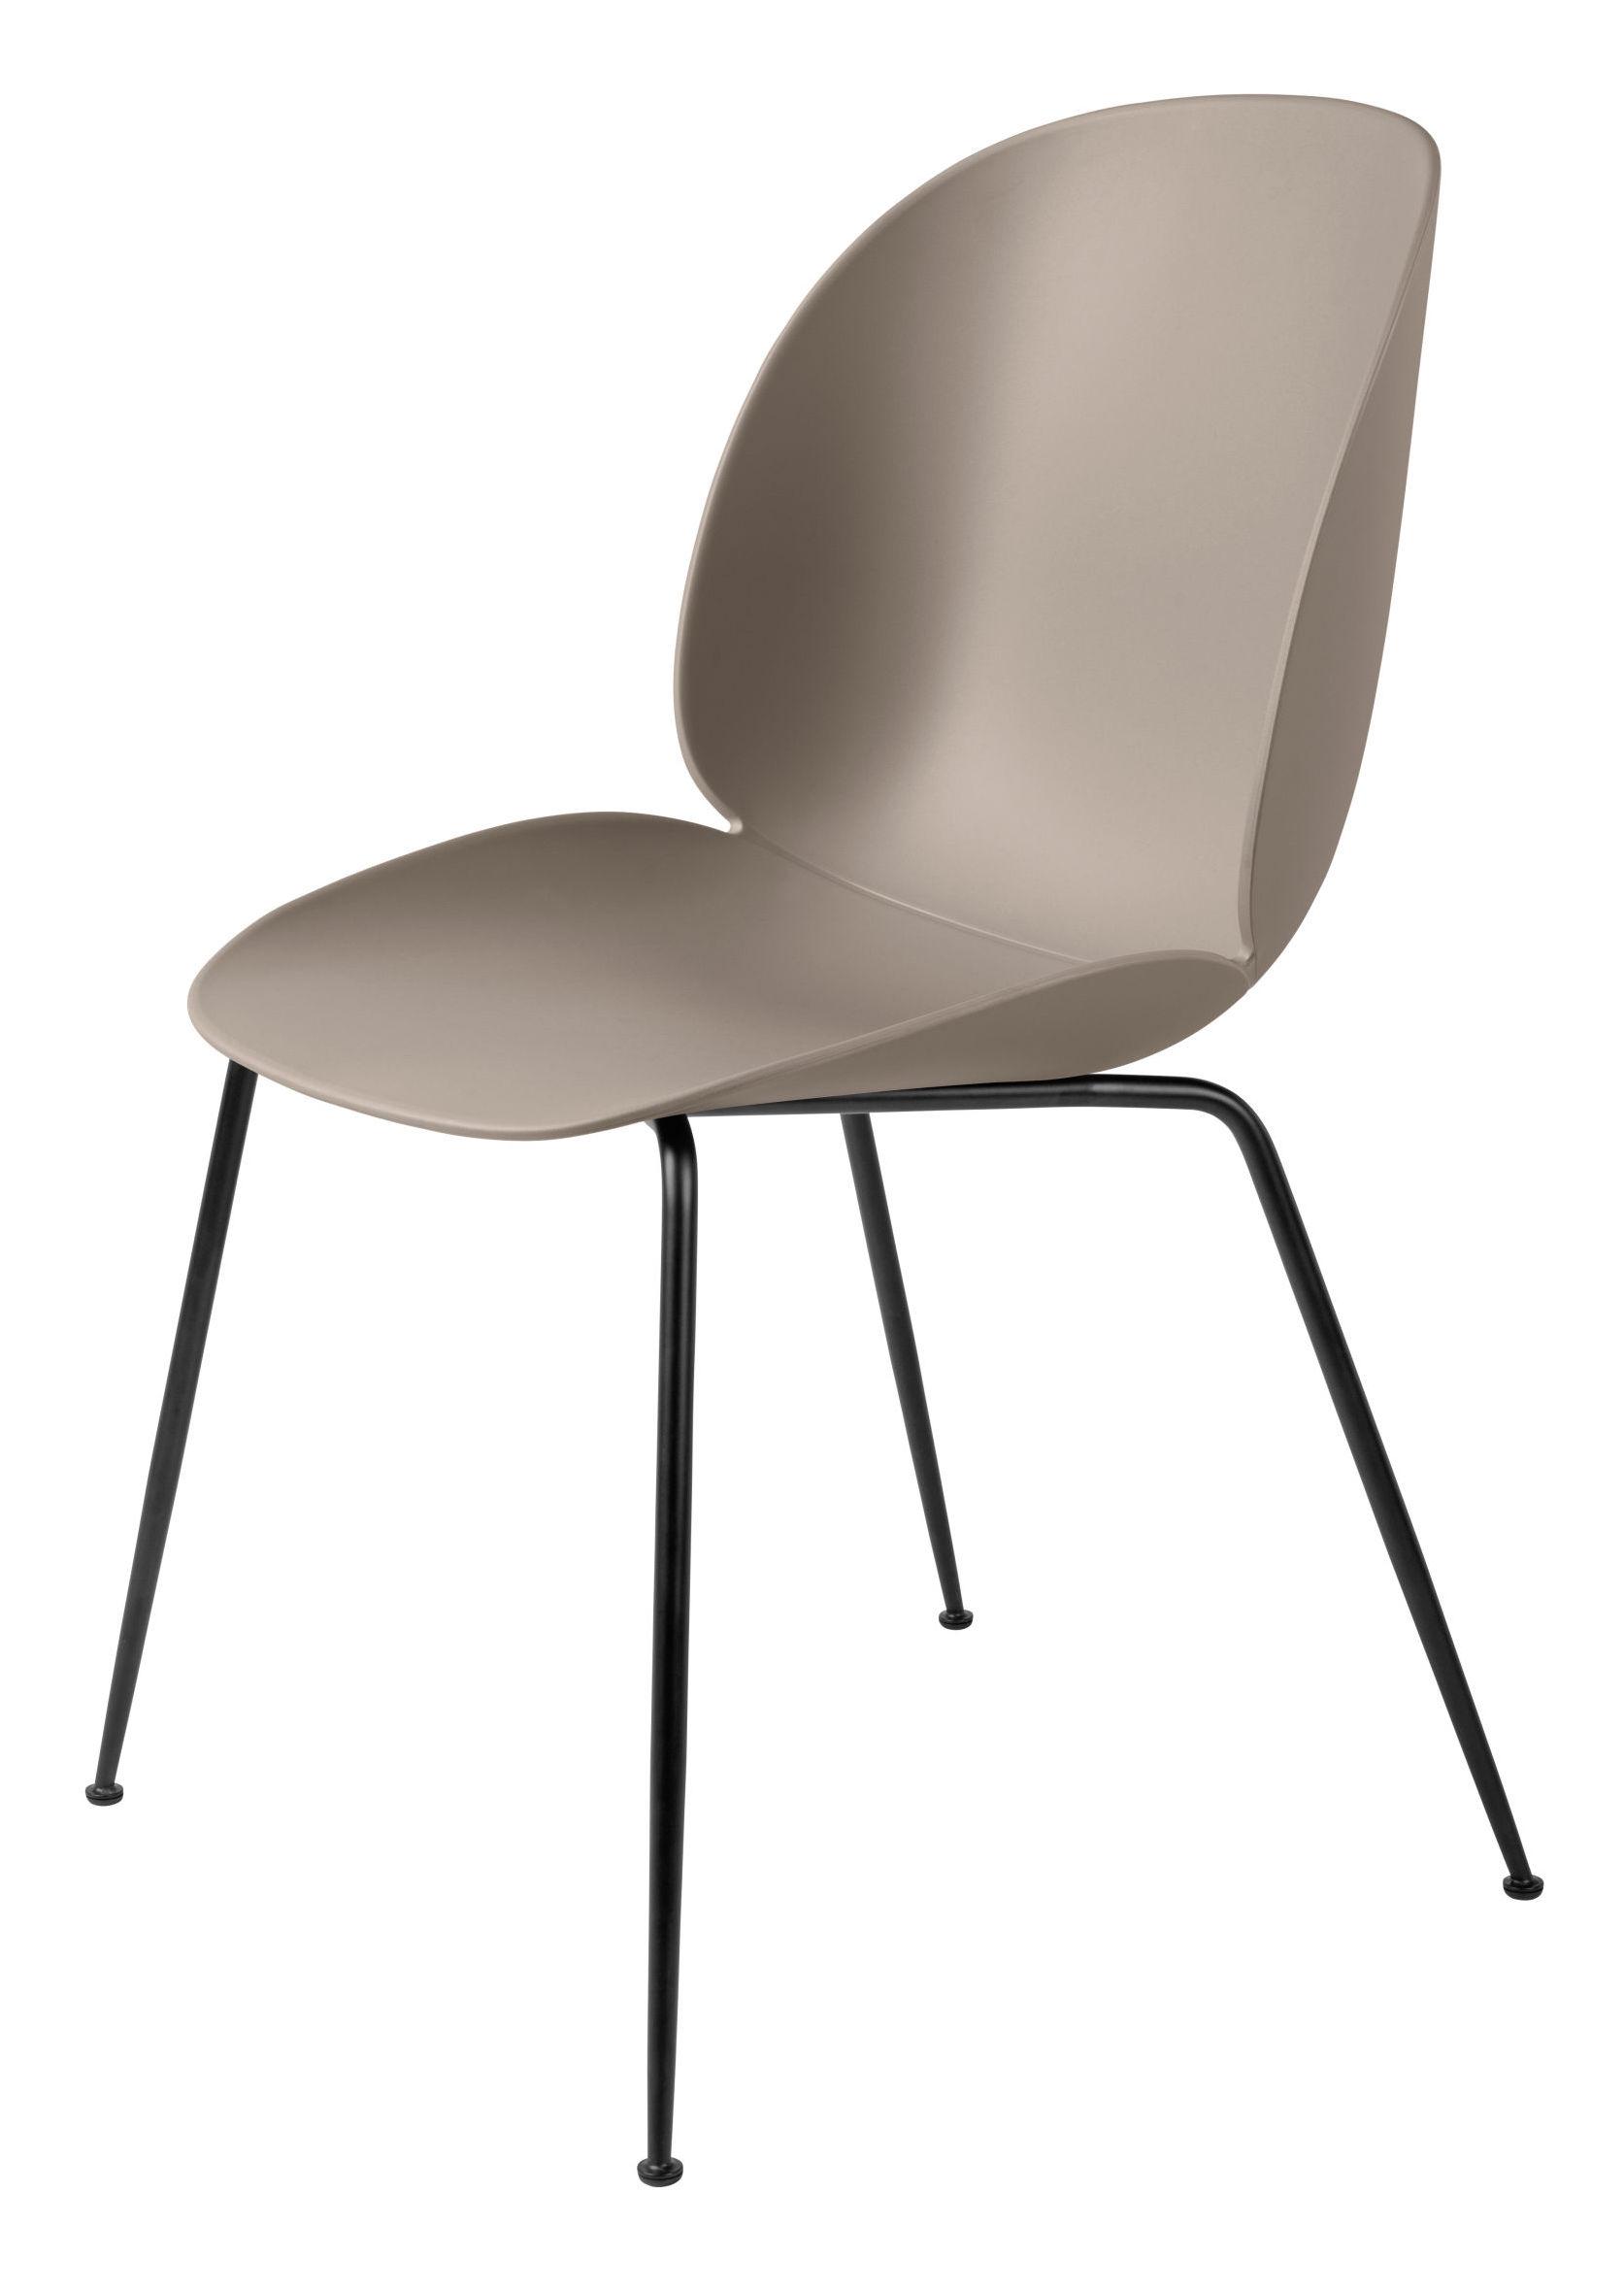 Gubi Gubi - beetle spisebordsstol - ny beige/sort stål på unoliving.com